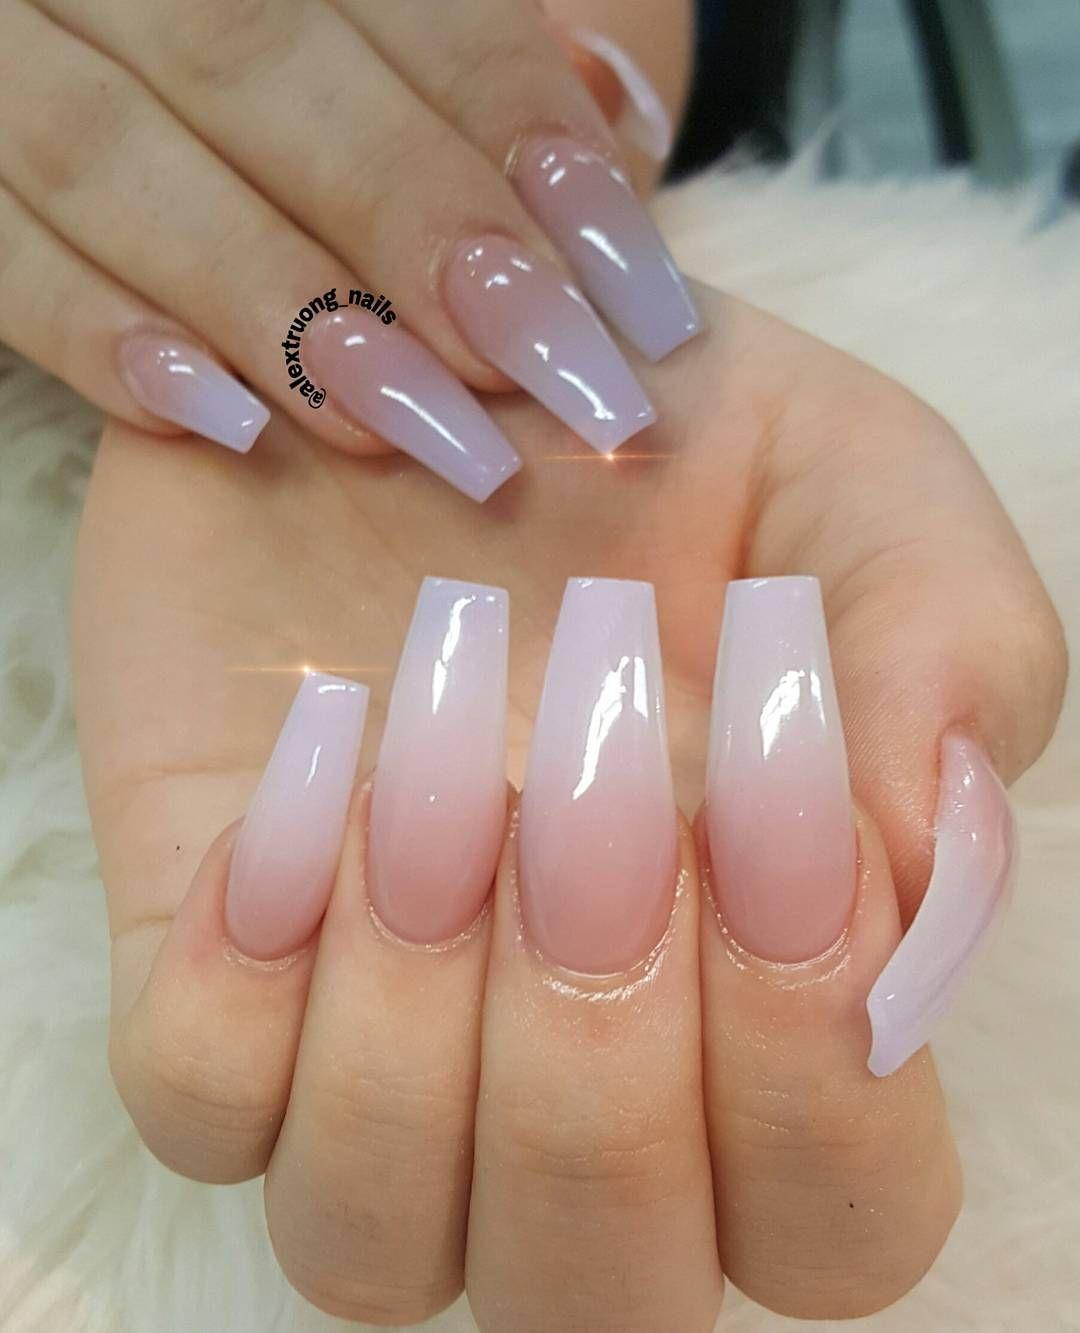 Pin by Lara Veronica on nails woow | Pinterest | Nail inspo, Nail ...